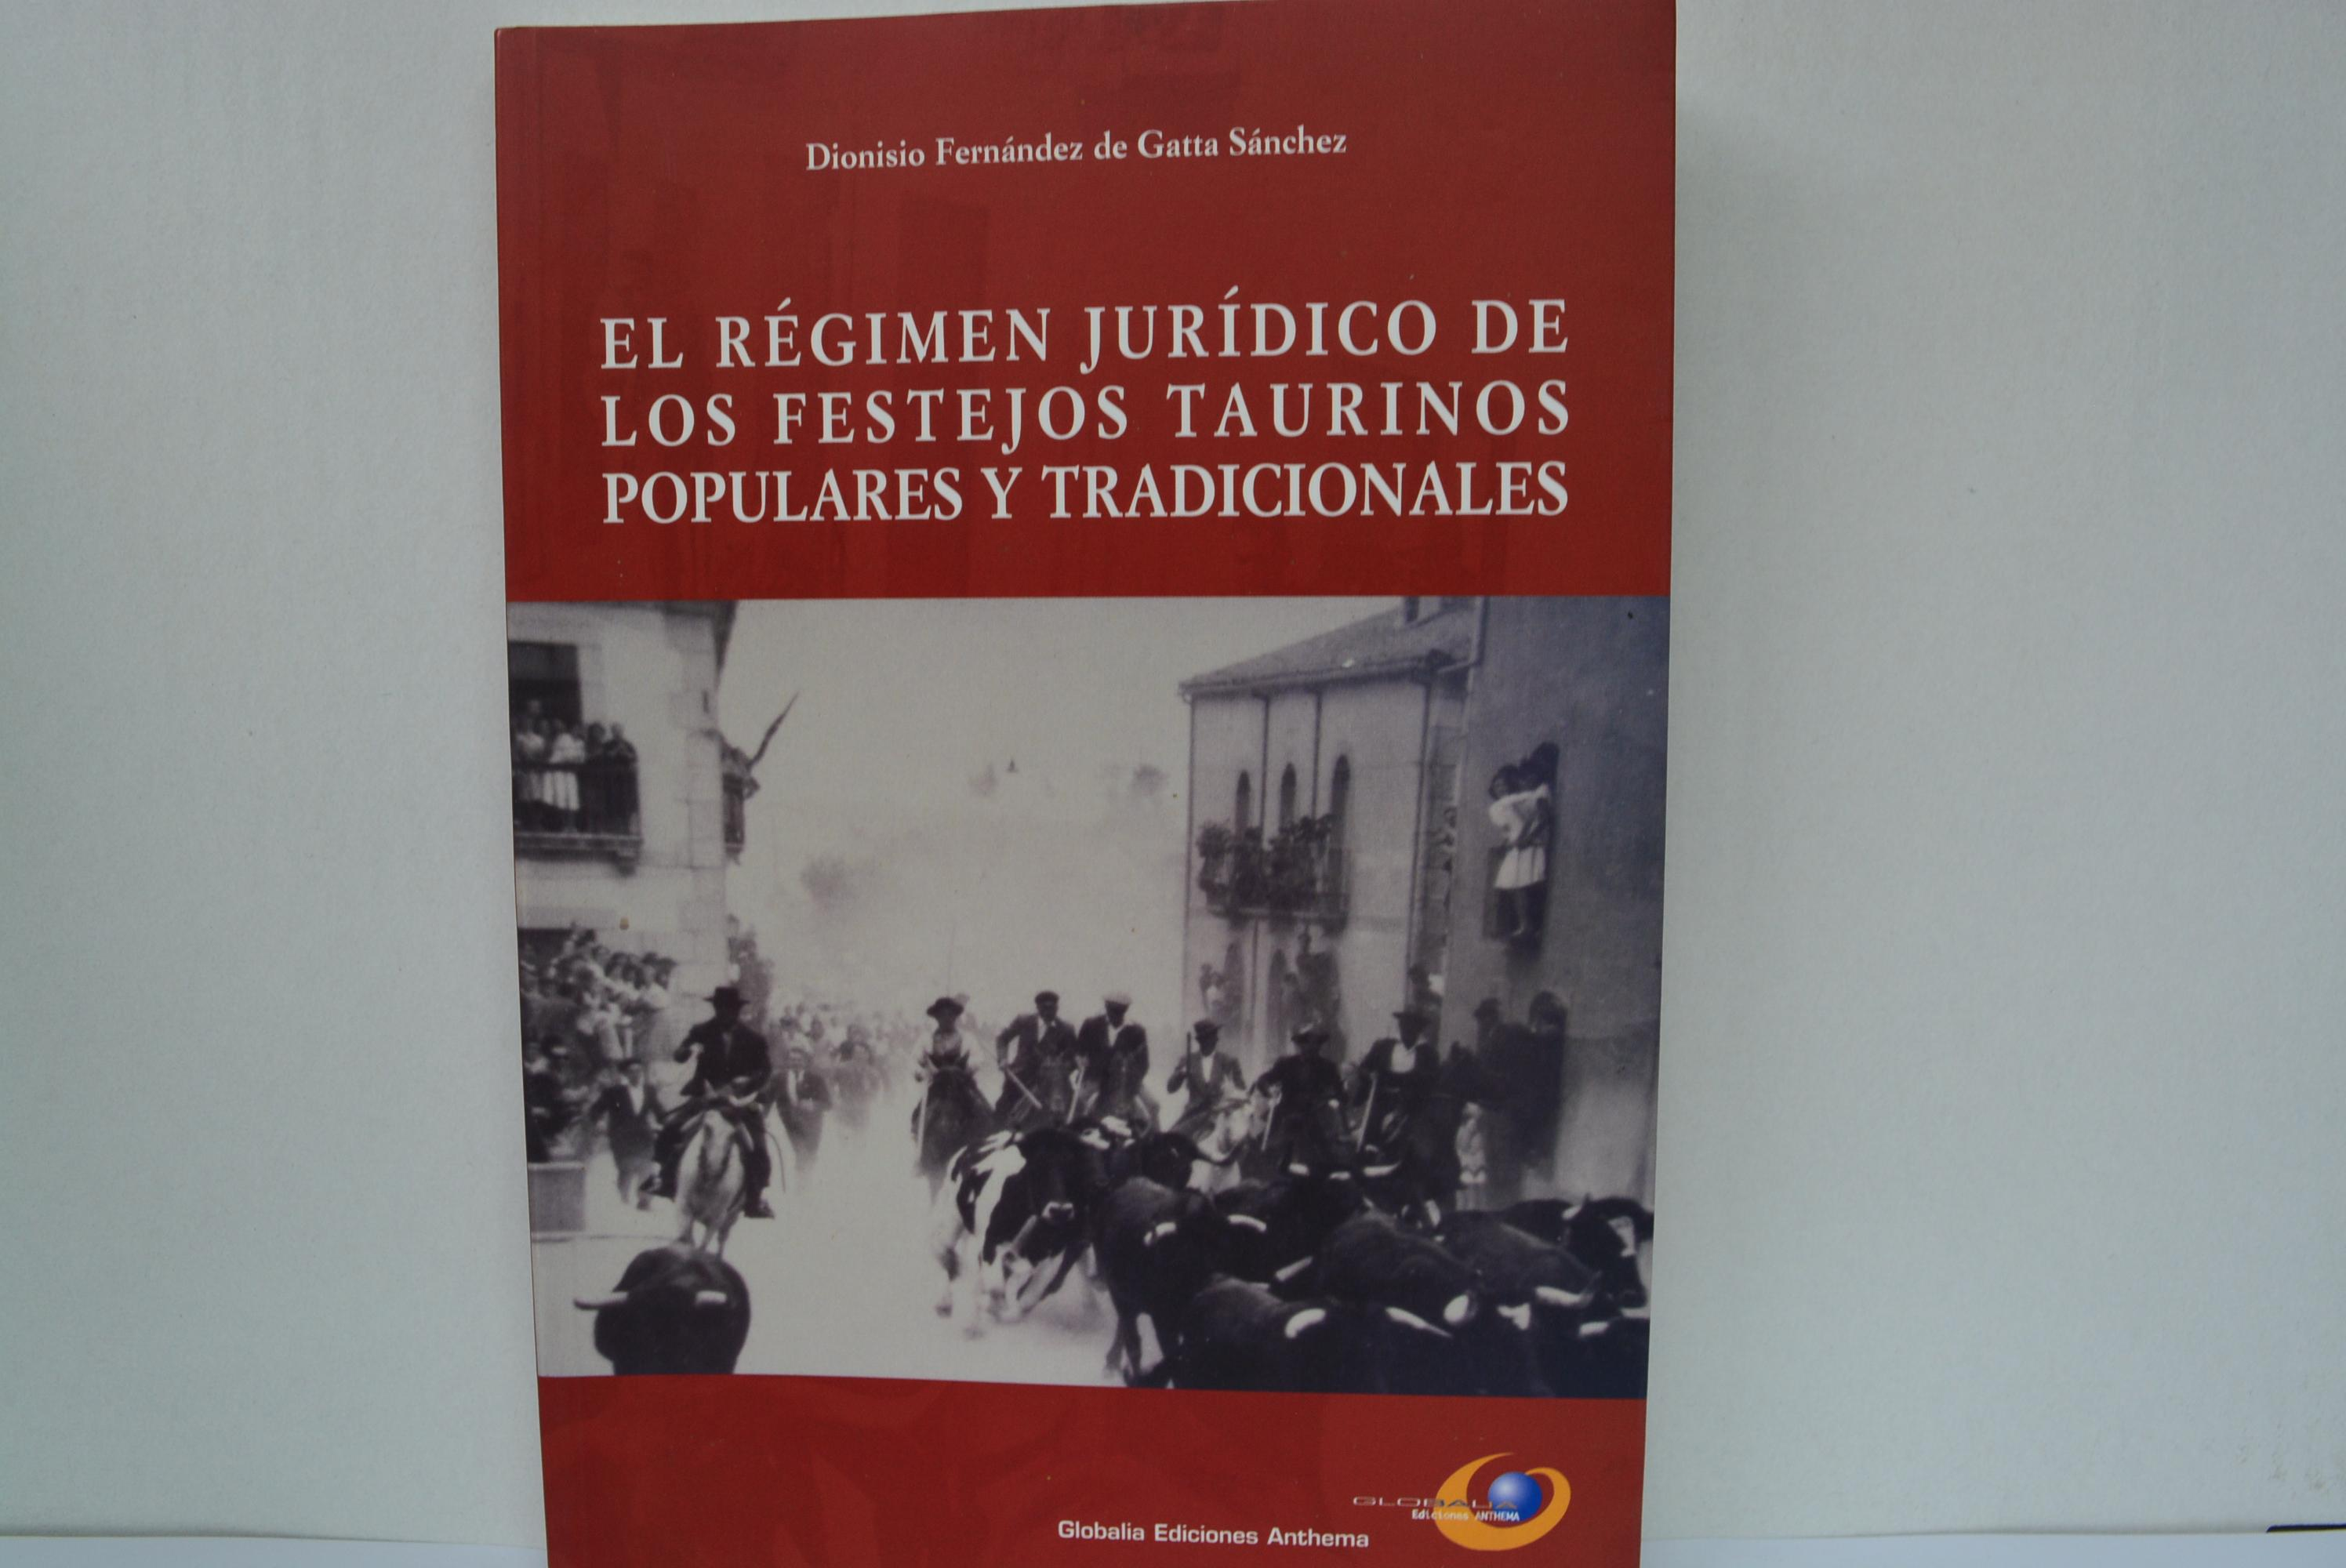 REGIMEN JURIDICO DE LOS FESTEJOS TAURINOS POPULARES Y TRADICIONALES, EL - FERNANDEZ DE GATTA SANCHEZ, DIONISIO